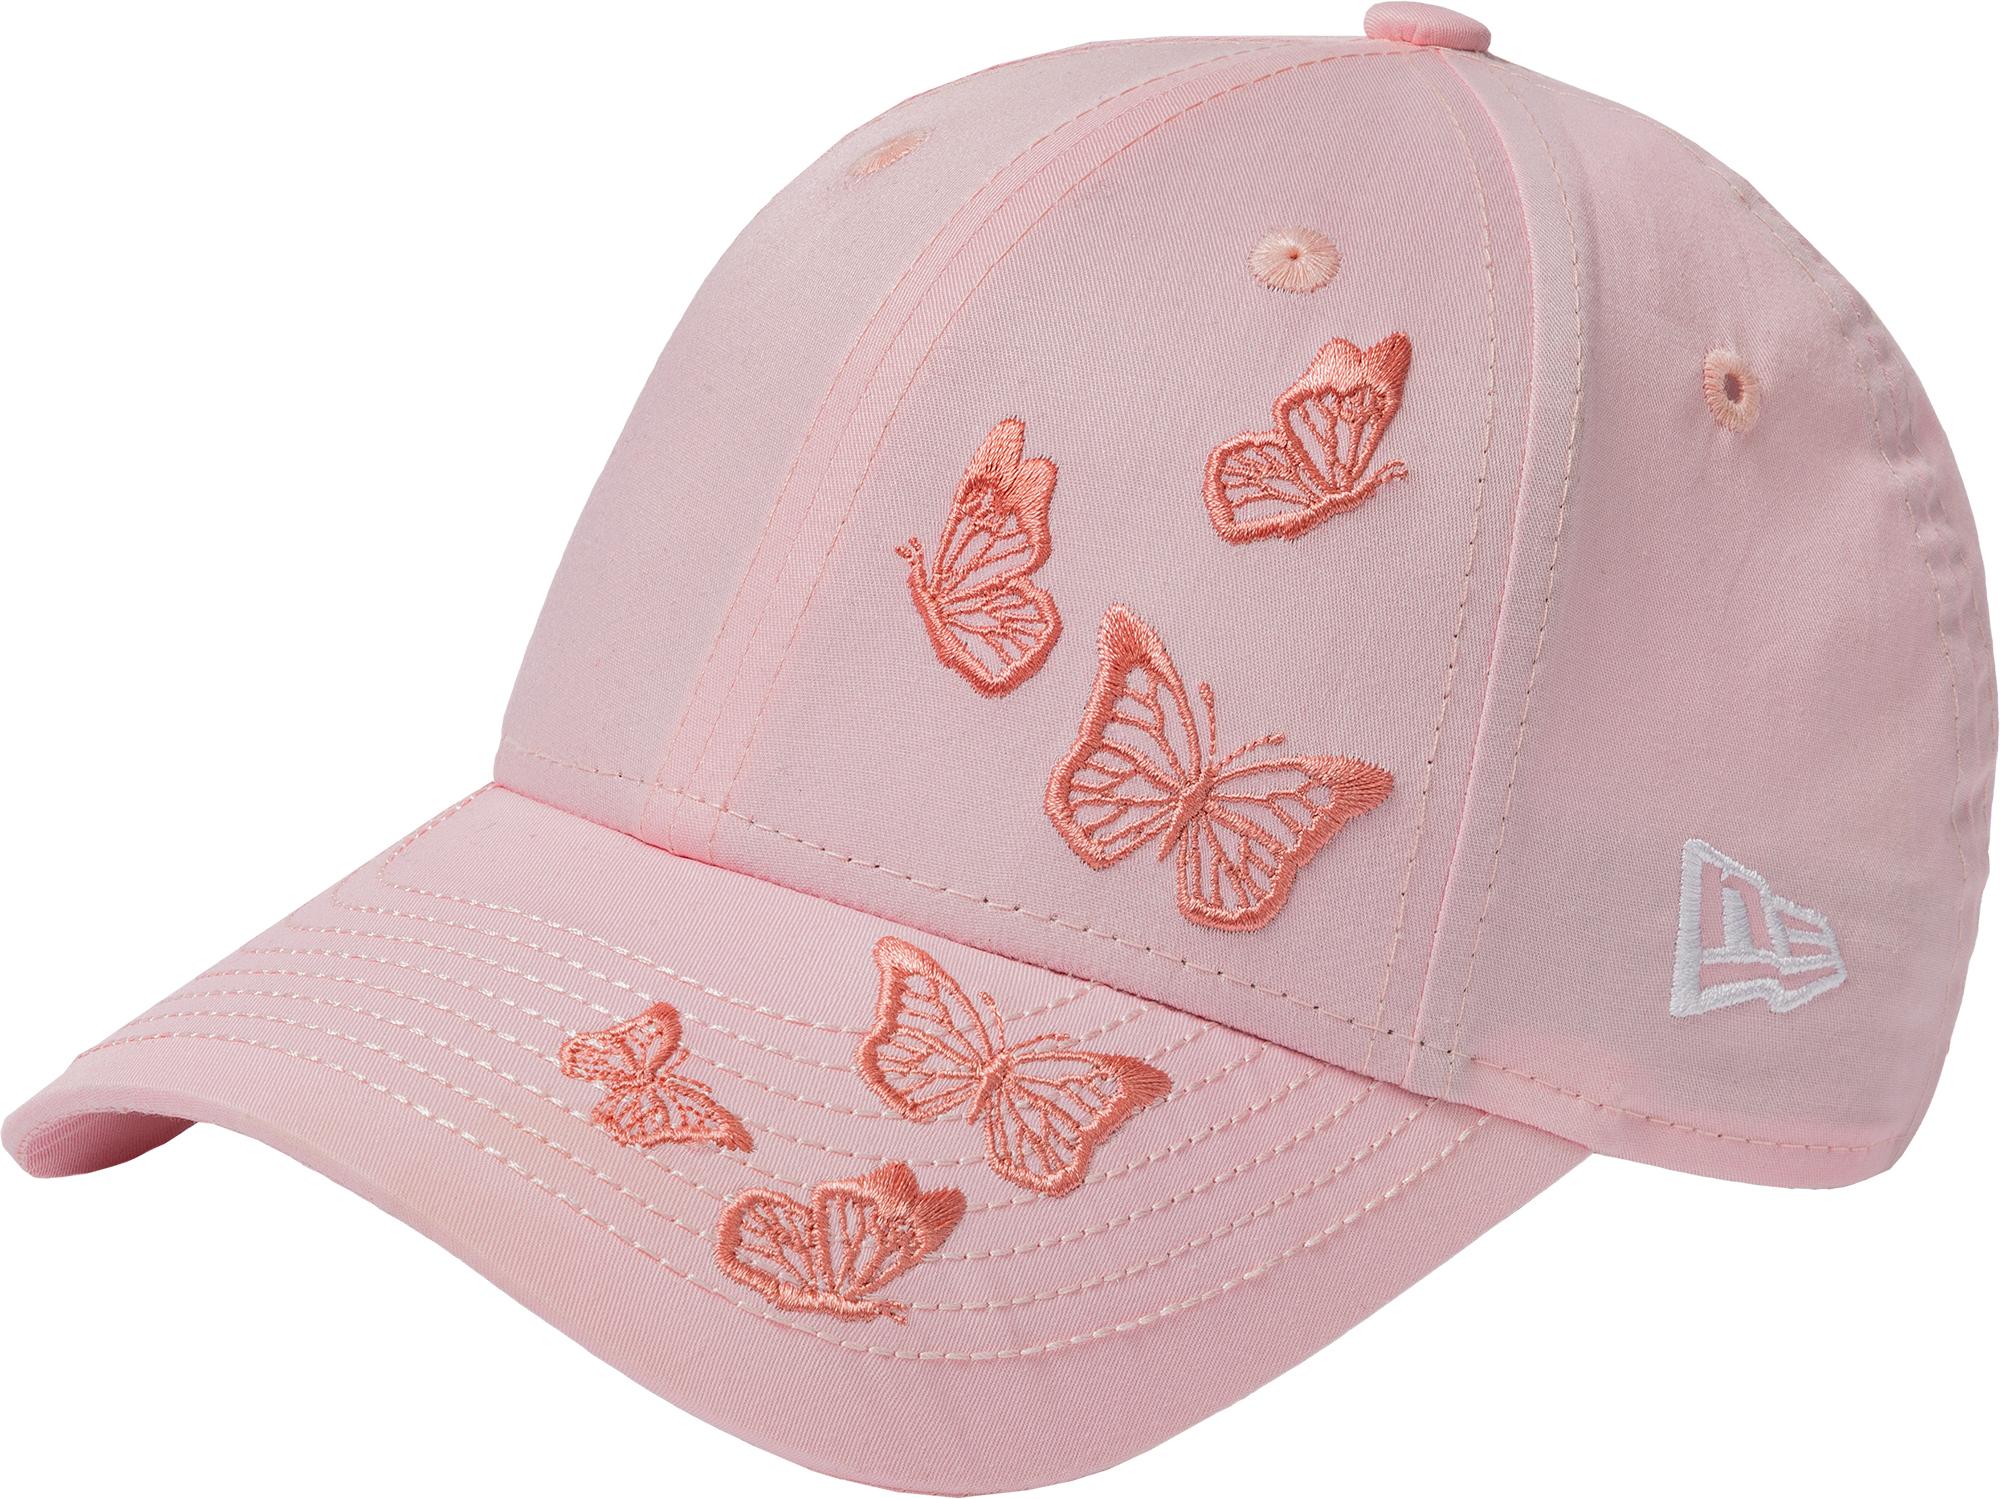 New Era Бейсболка для девочек New Era Butterfly 940, размер 54-55 new era бейсболка для девочек new era butterfly 940 размер 54 55